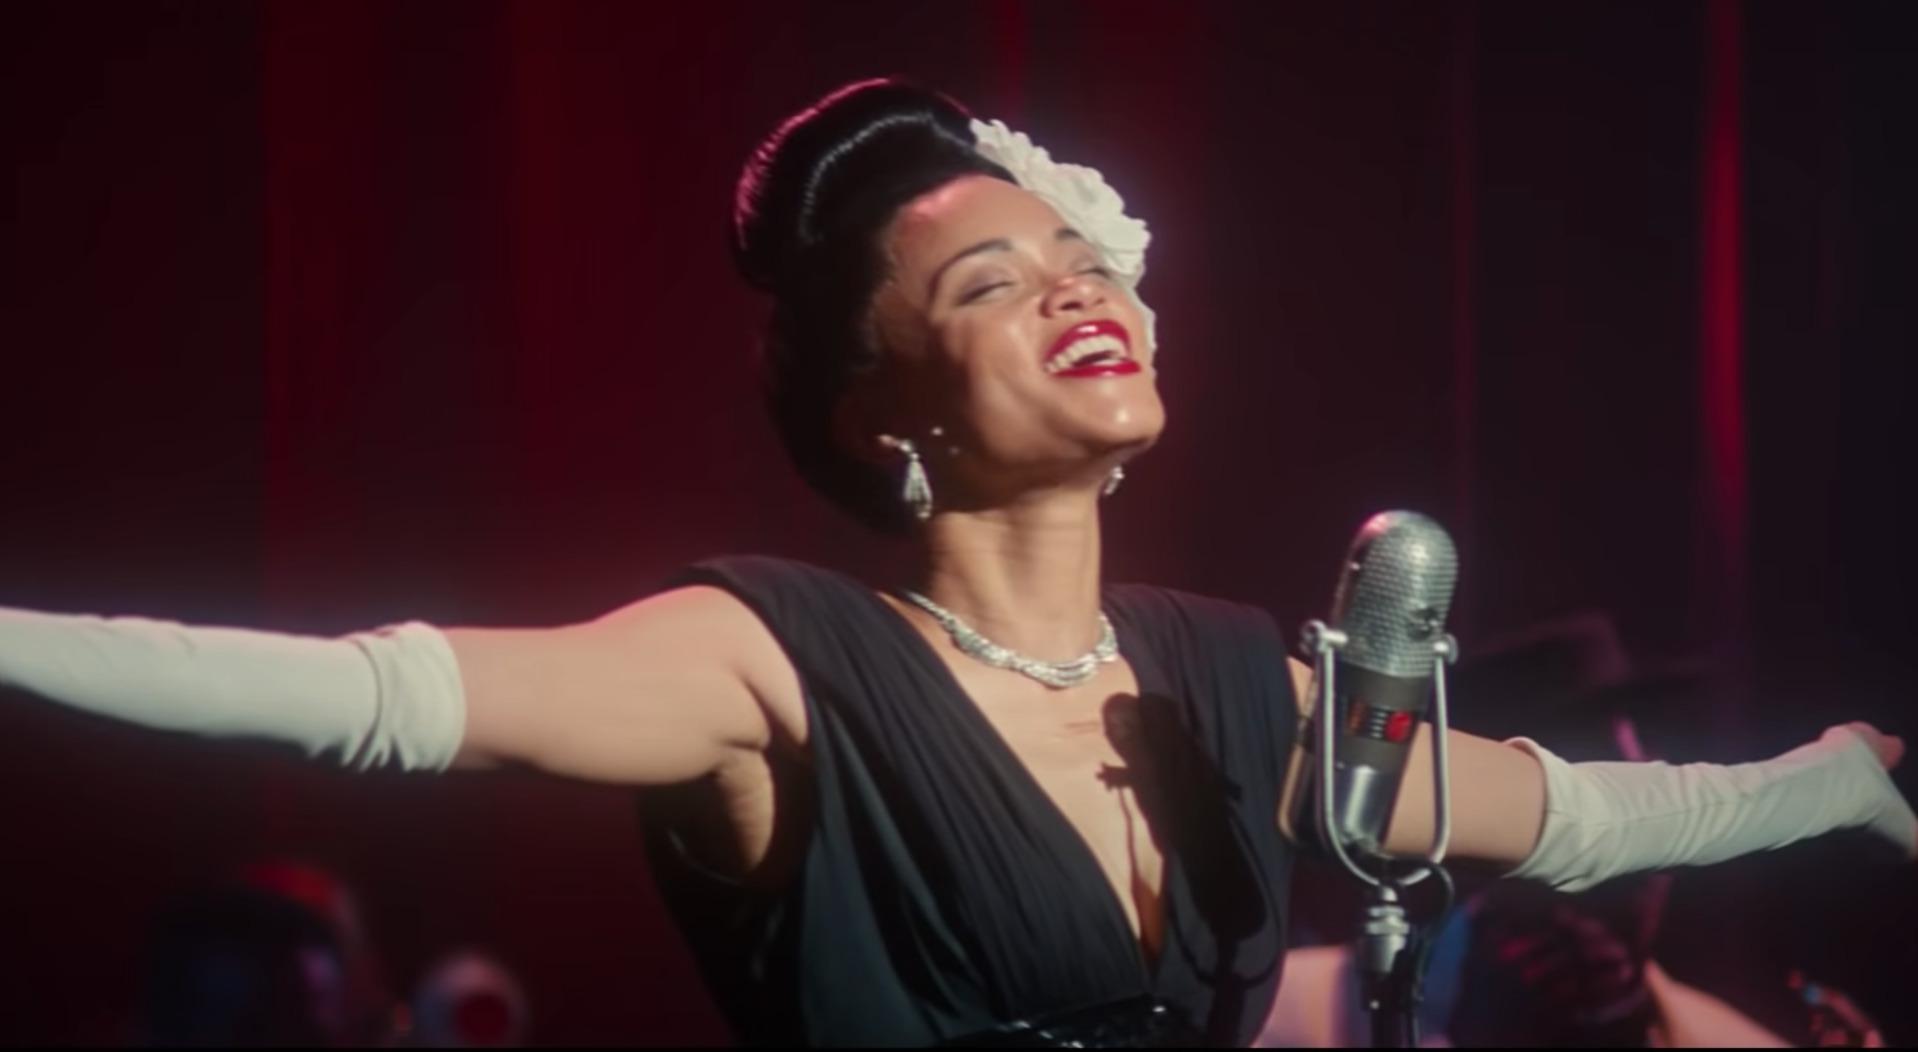 Cena do filme Estados Unidos Vs Billie Holiday. Na imagem, vemos Billie Holiday, interpretada por Andra Day, em frente a um microfone, com os braços abertos. Ela é uma mulher negra, de cabelos escuros presos em um coque no topo da cabeça, com uma flor branca ao lado esquerdo. Billie veste um vestido preto, luvas brancas compridas, um par de brincos e um colar. Ela está sorrindo e com os olhos fechados.